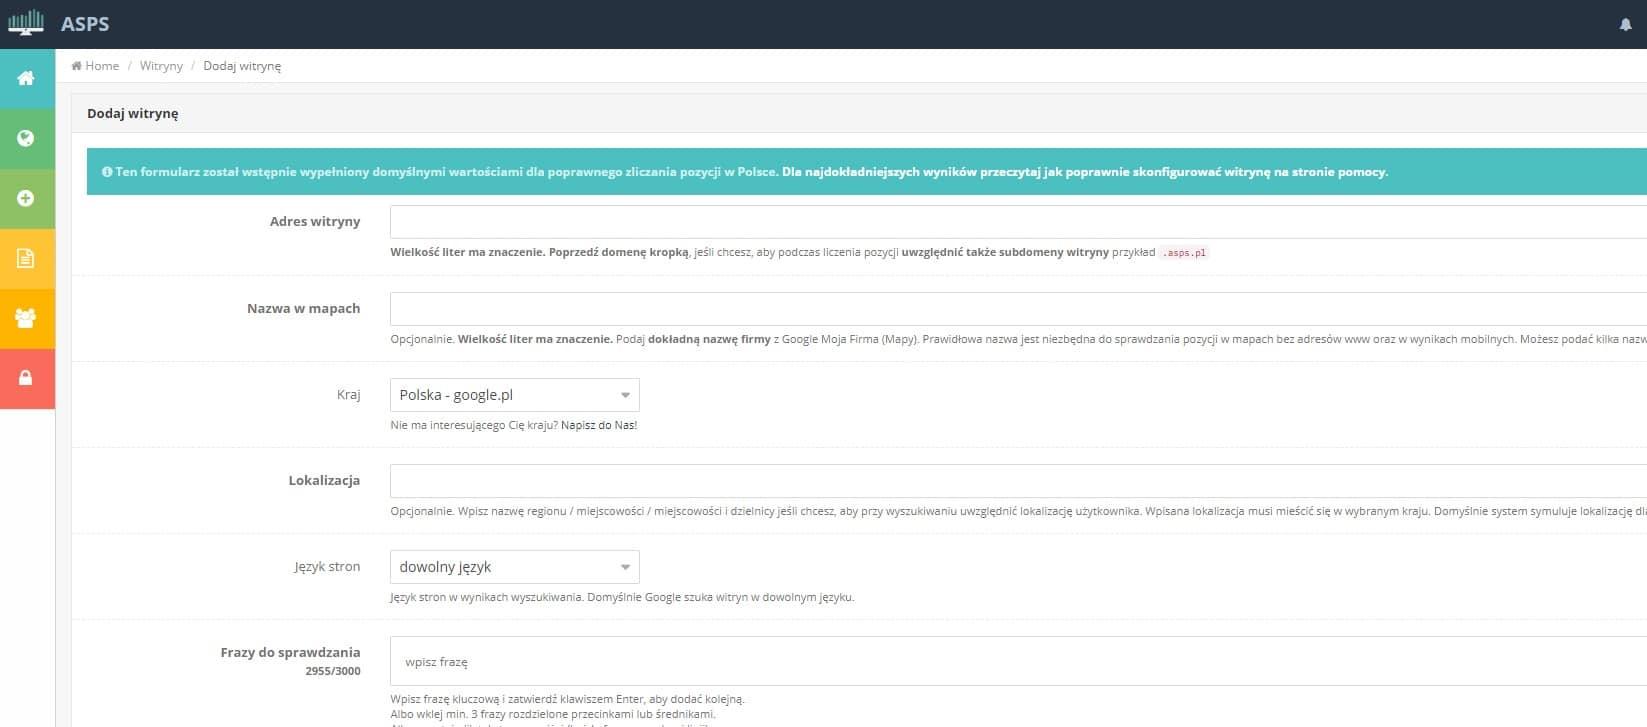 monitorowanie pozycji witryny w ASPS